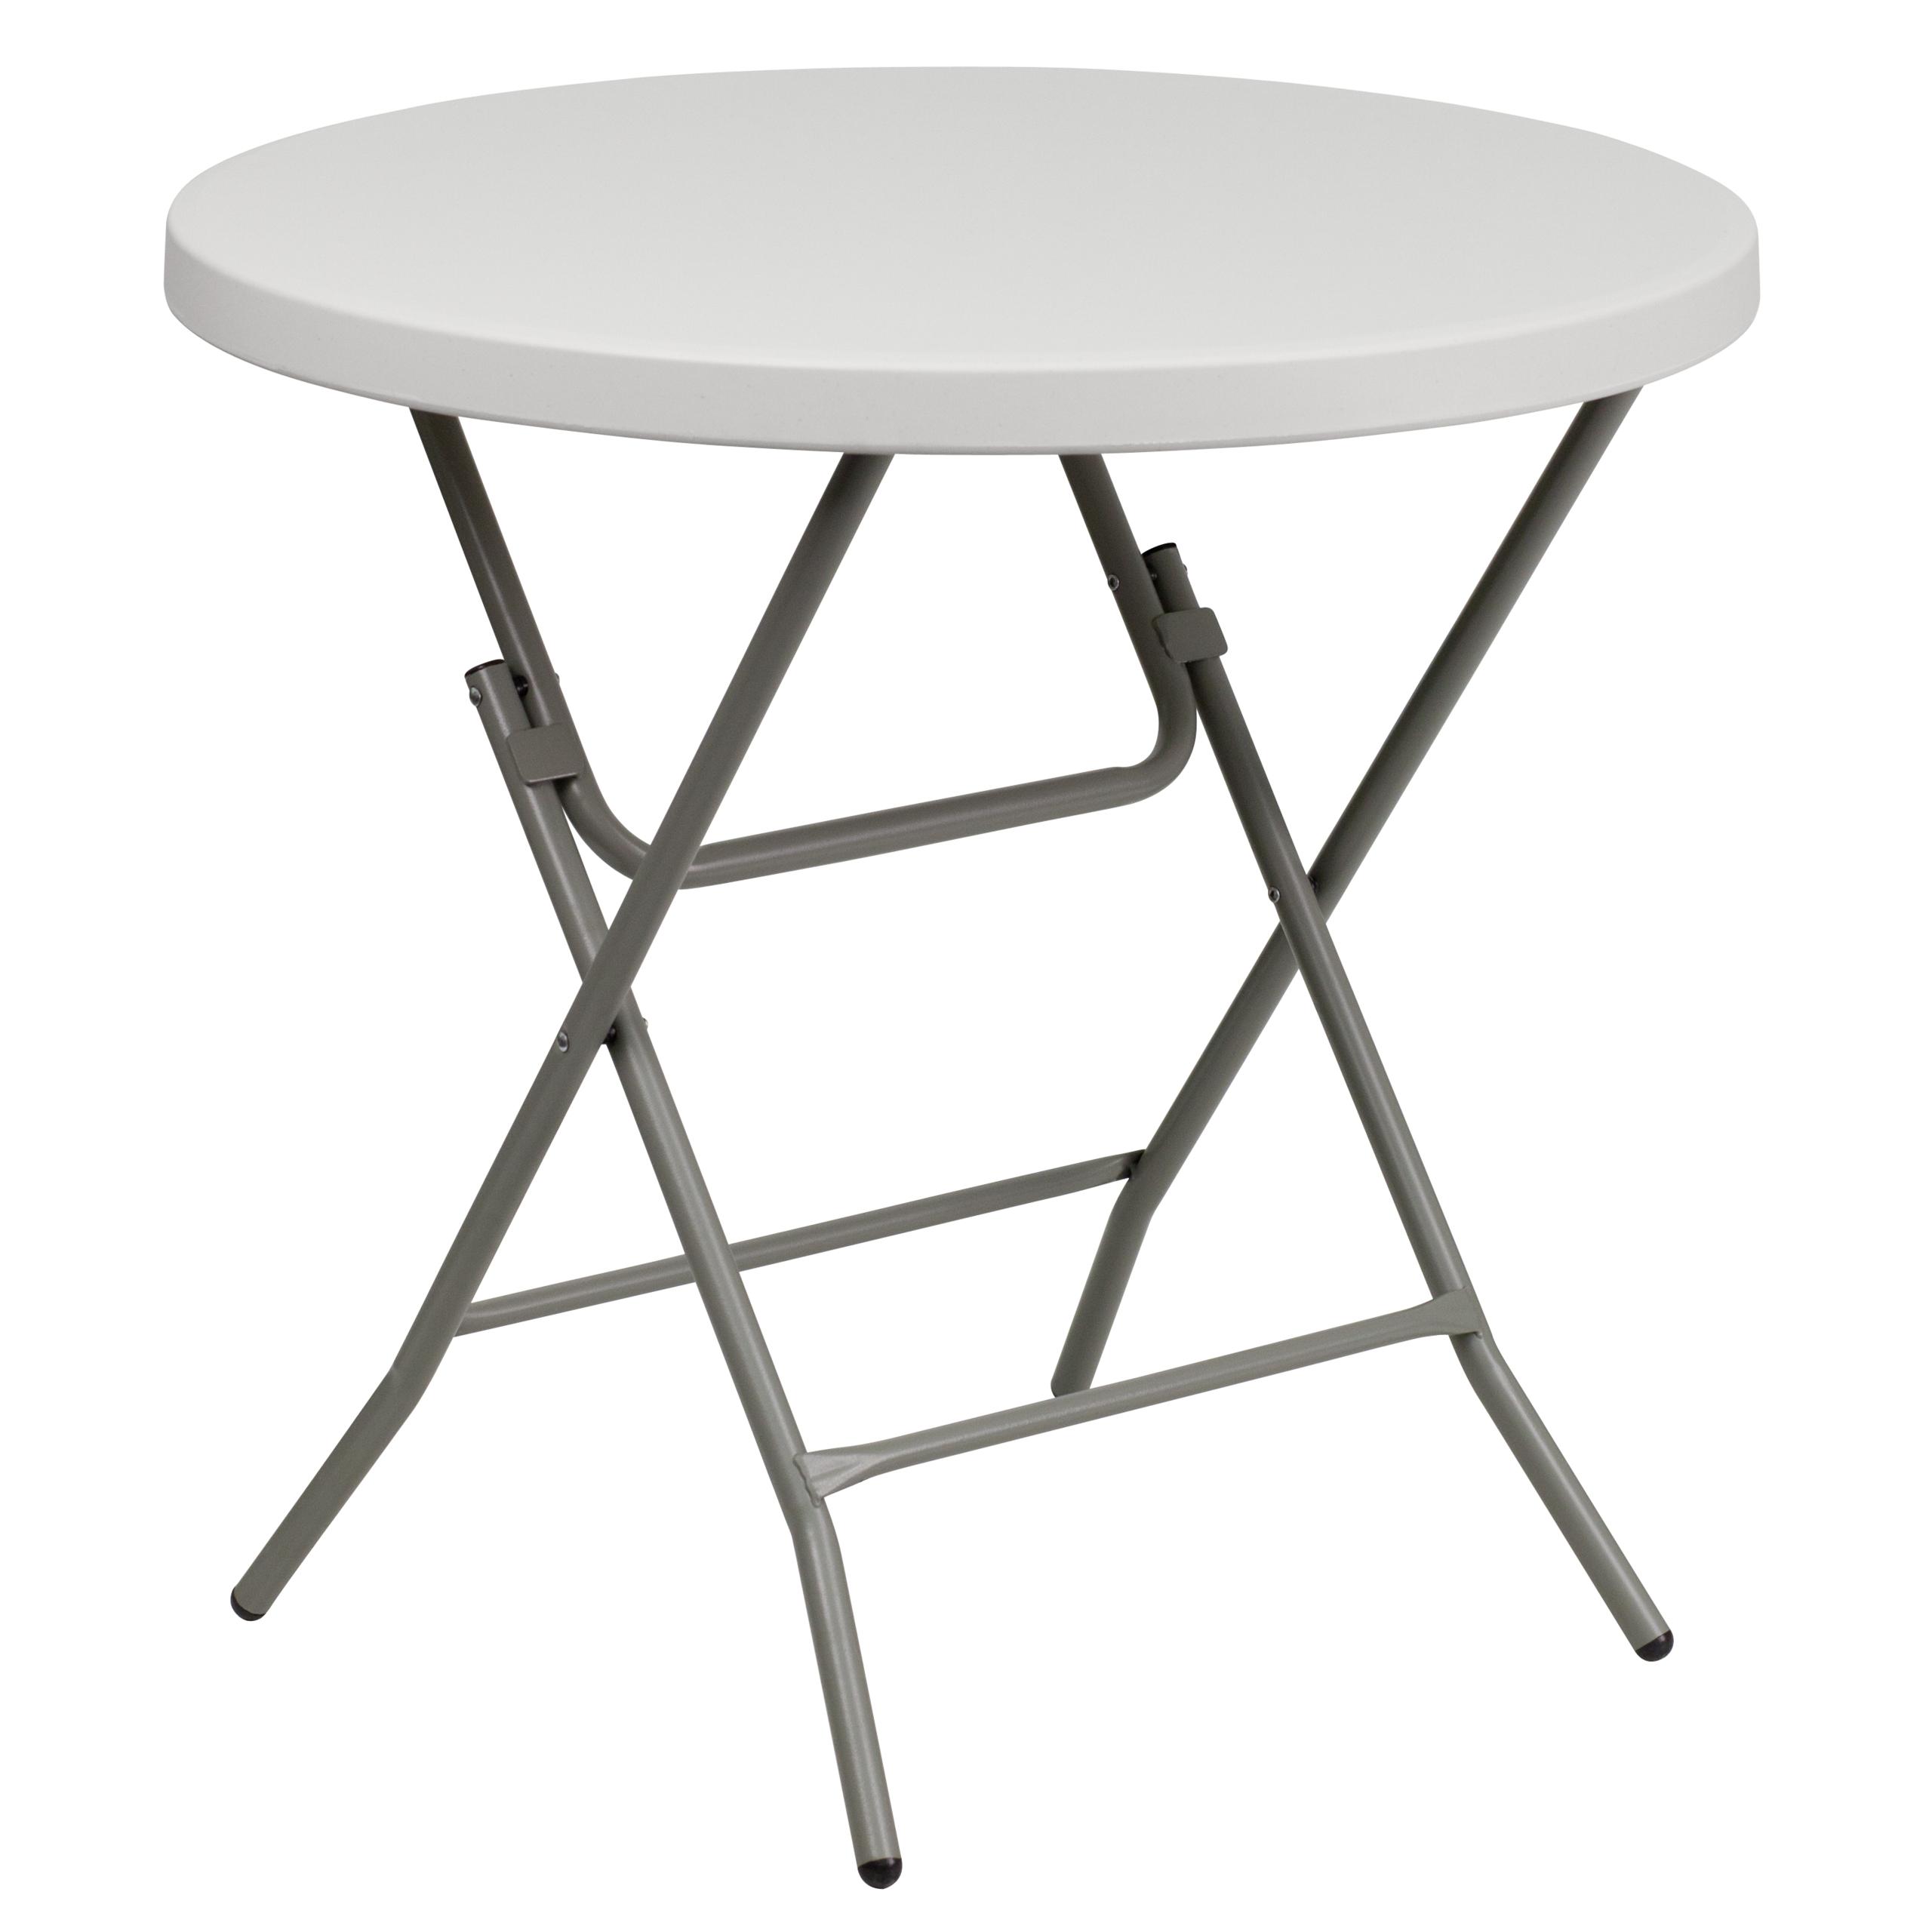 Fold Able Table